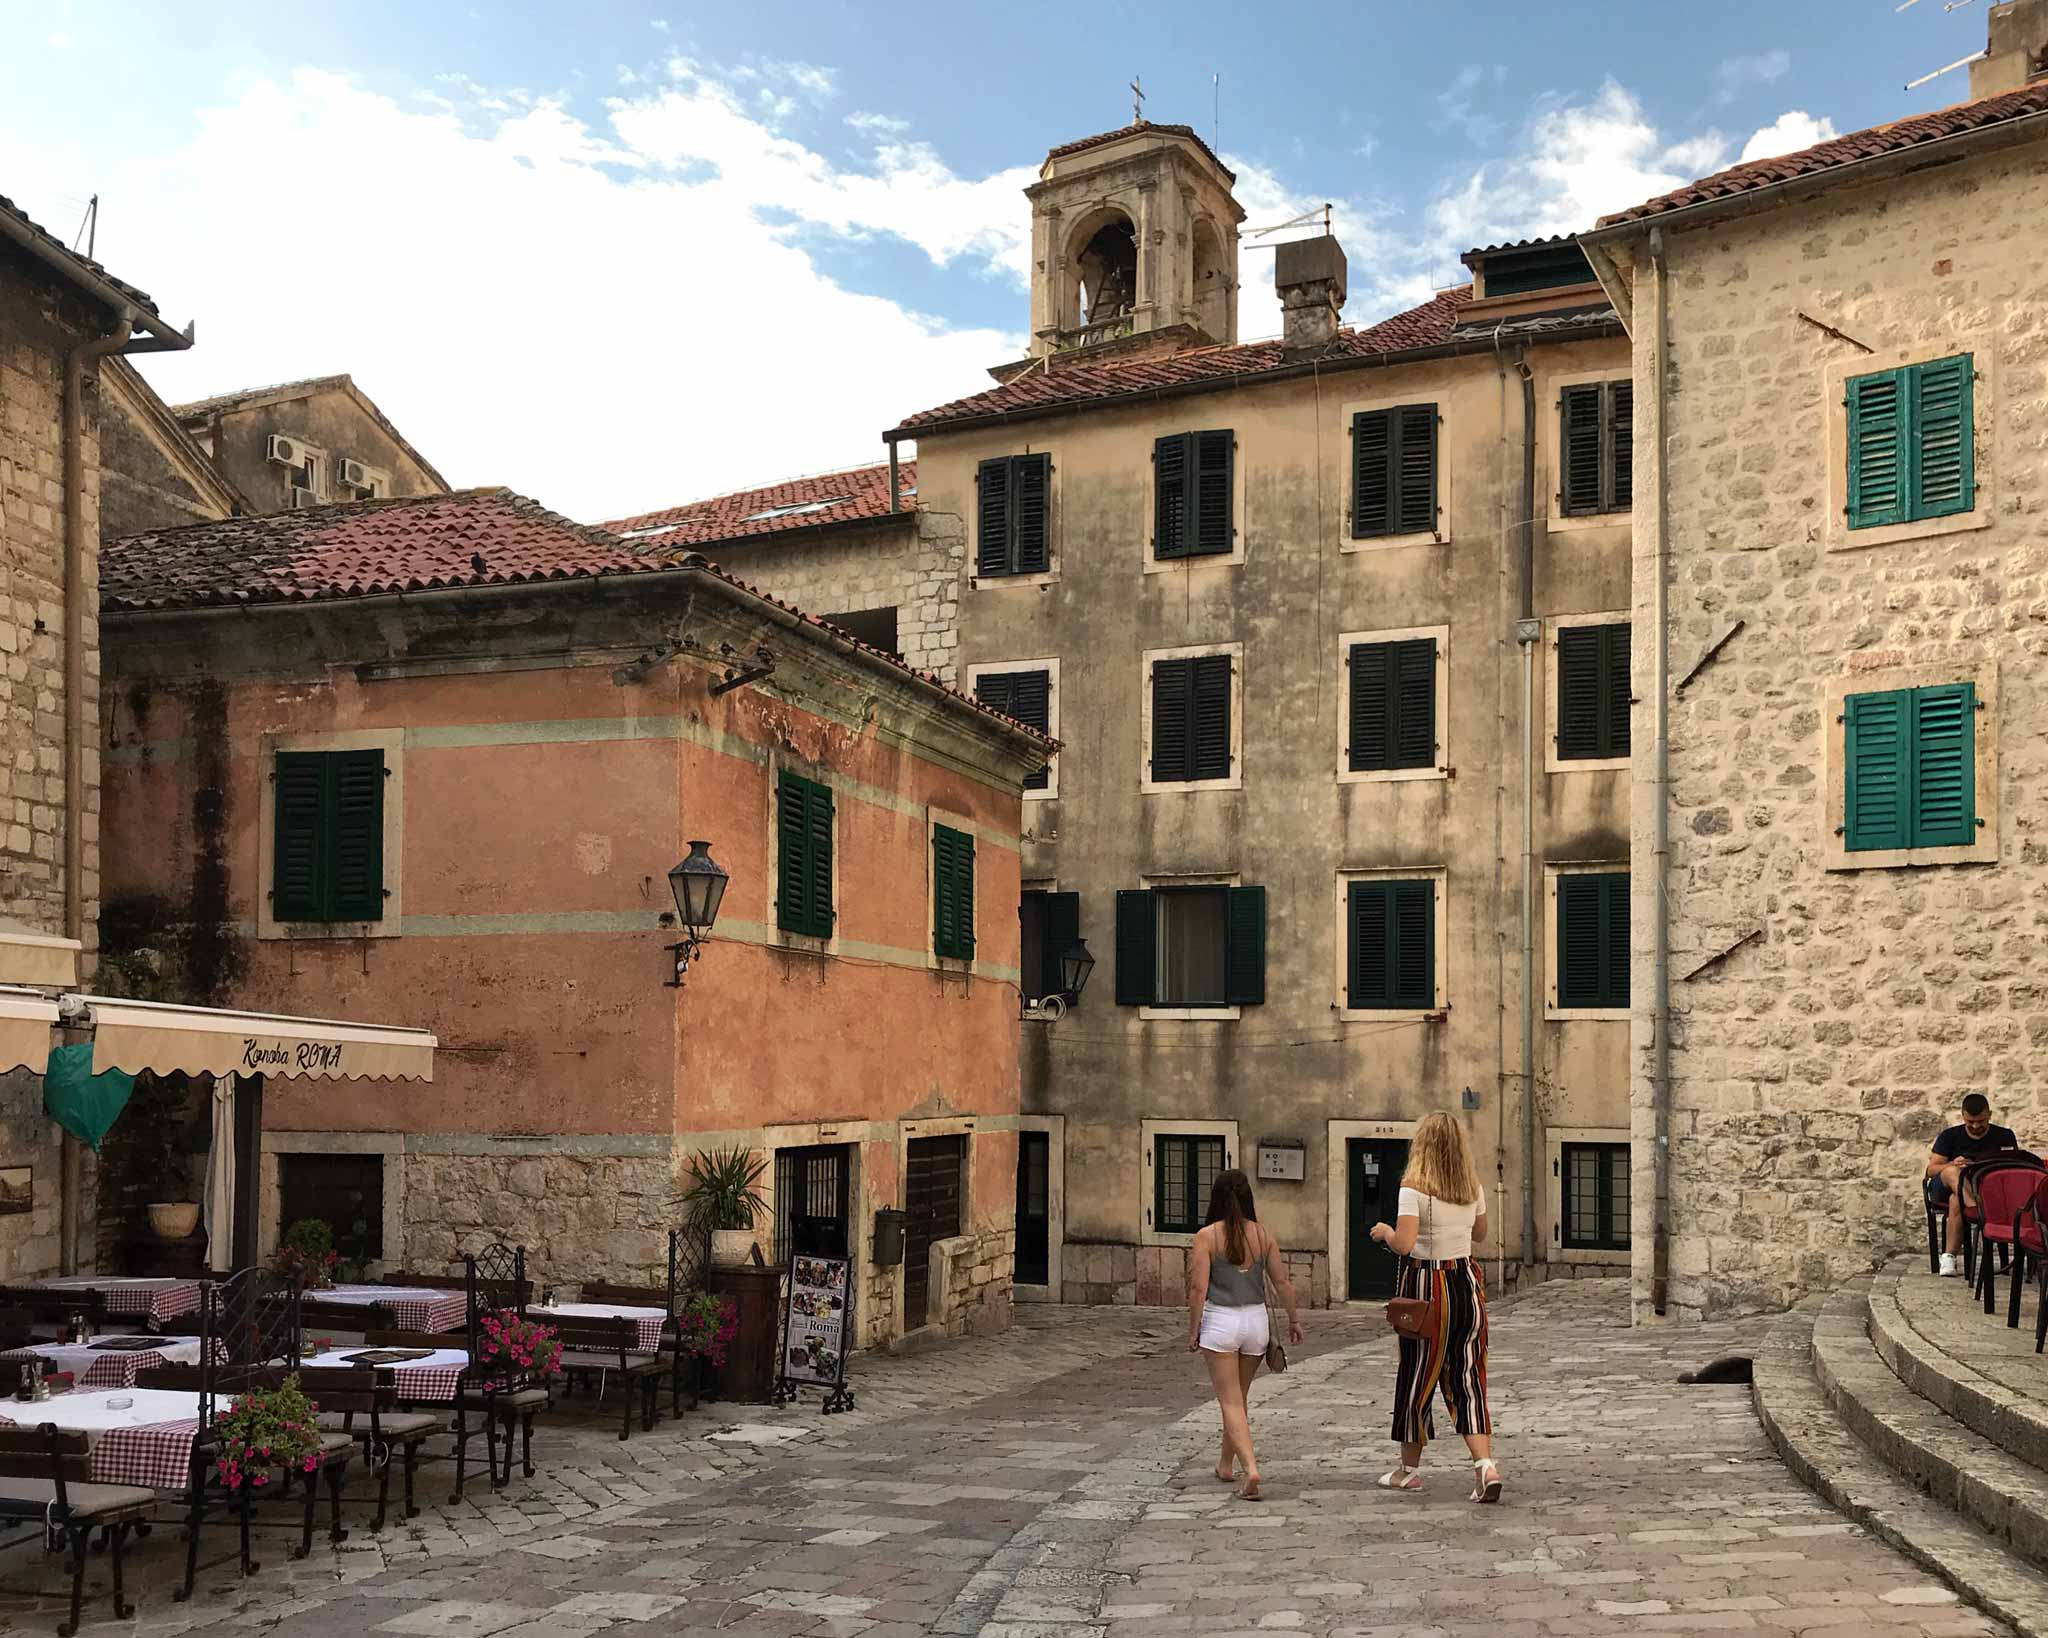 Kotor-Montenegro-Piazza-delle-Erbe-Trg-od-Salate-gradini-ragazze-che-passano